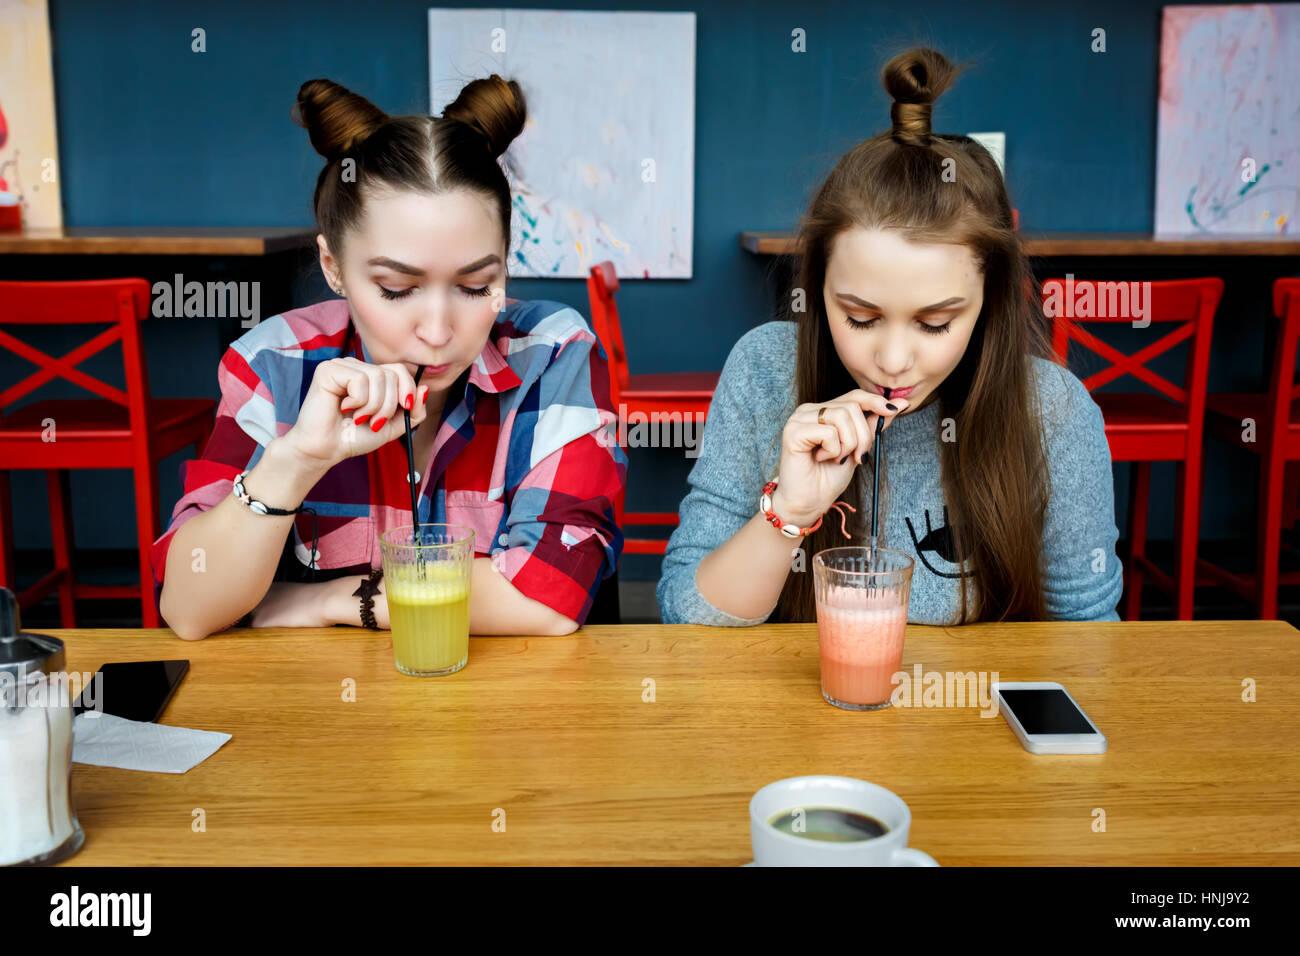 Le giovani ragazze divertirsi in un cafe bar. Immagini Stock